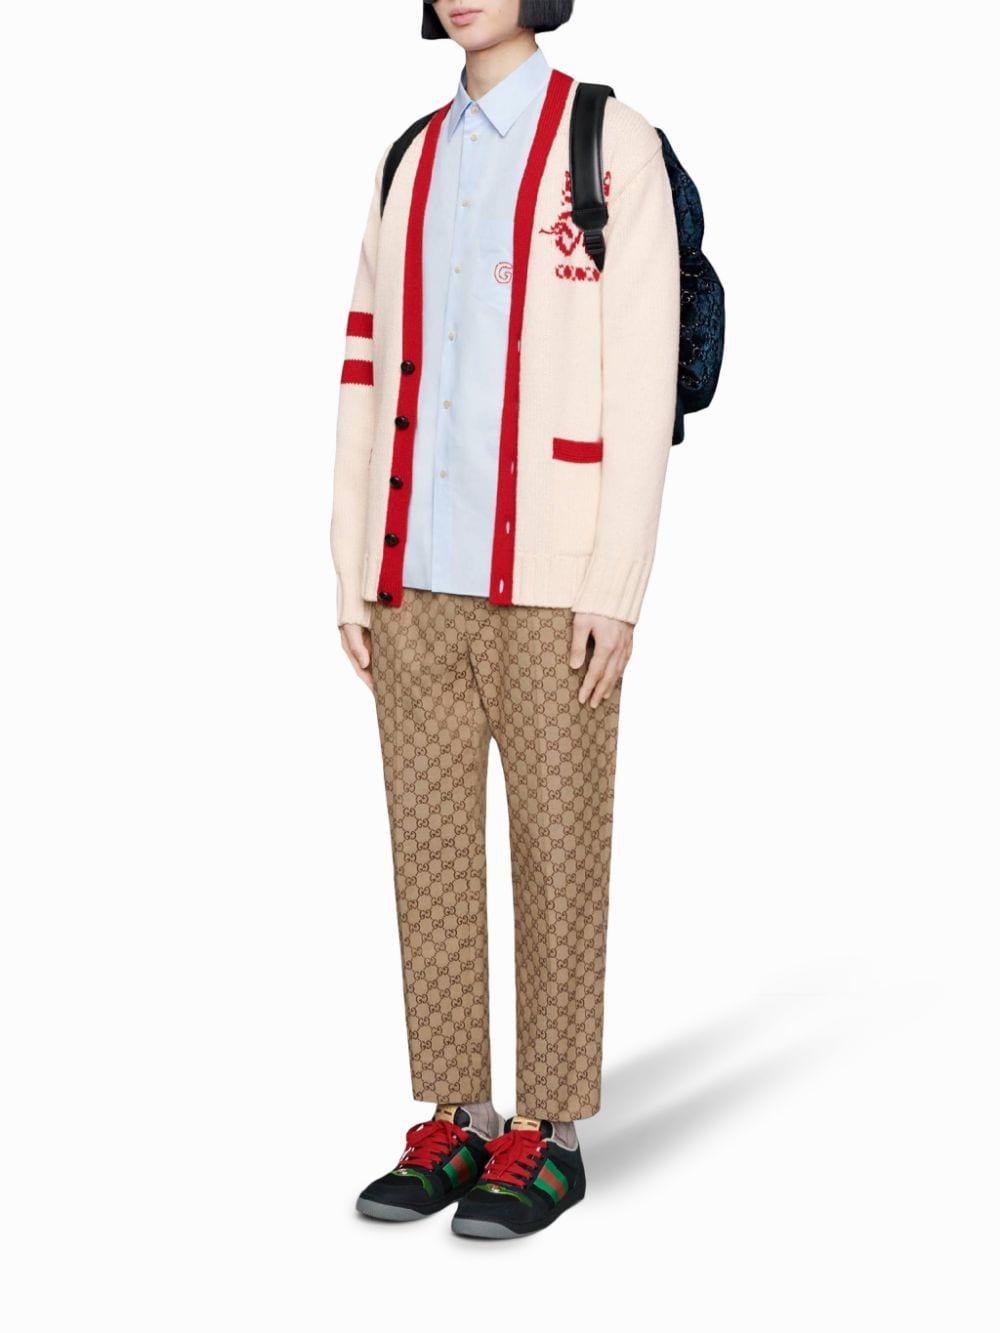 pantaloni beige e marroni in cotone con stampa GG Gucci all over GUCCI | Pantaloni | 569769-ZKU092580